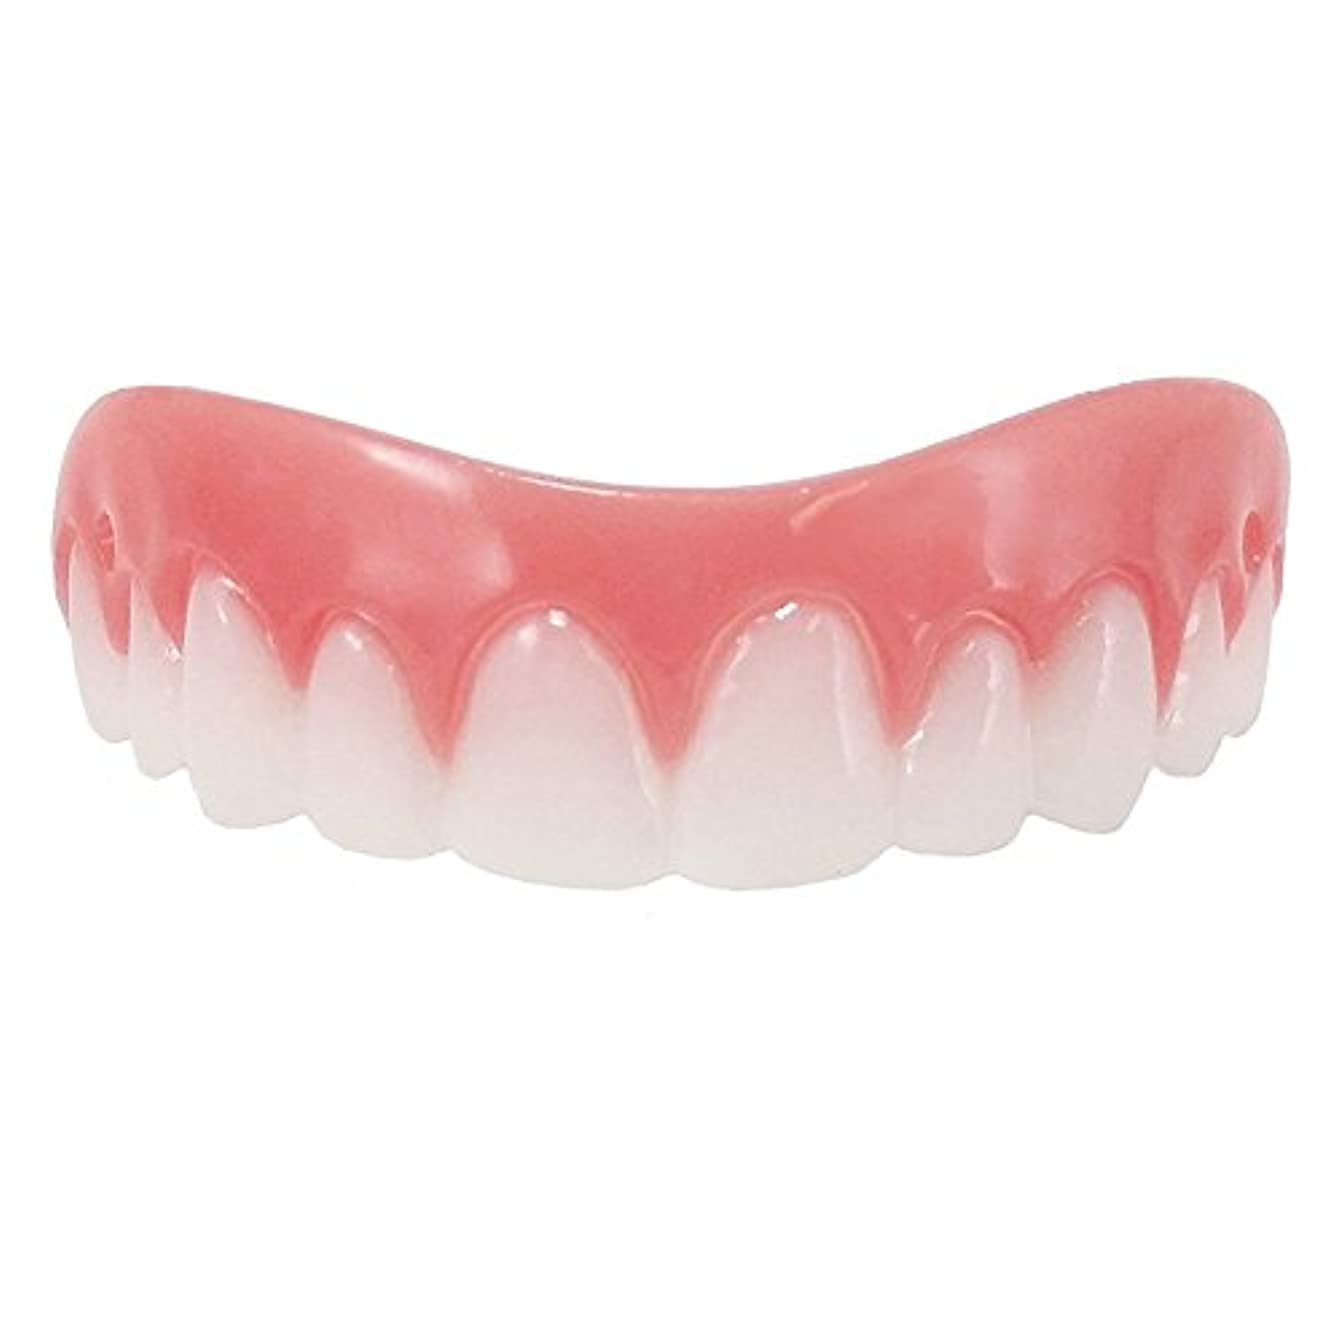 商品常習者見落とすシリコン義歯ペースト 美容用 入れ歯 上歯 下歯2個セット (free size)